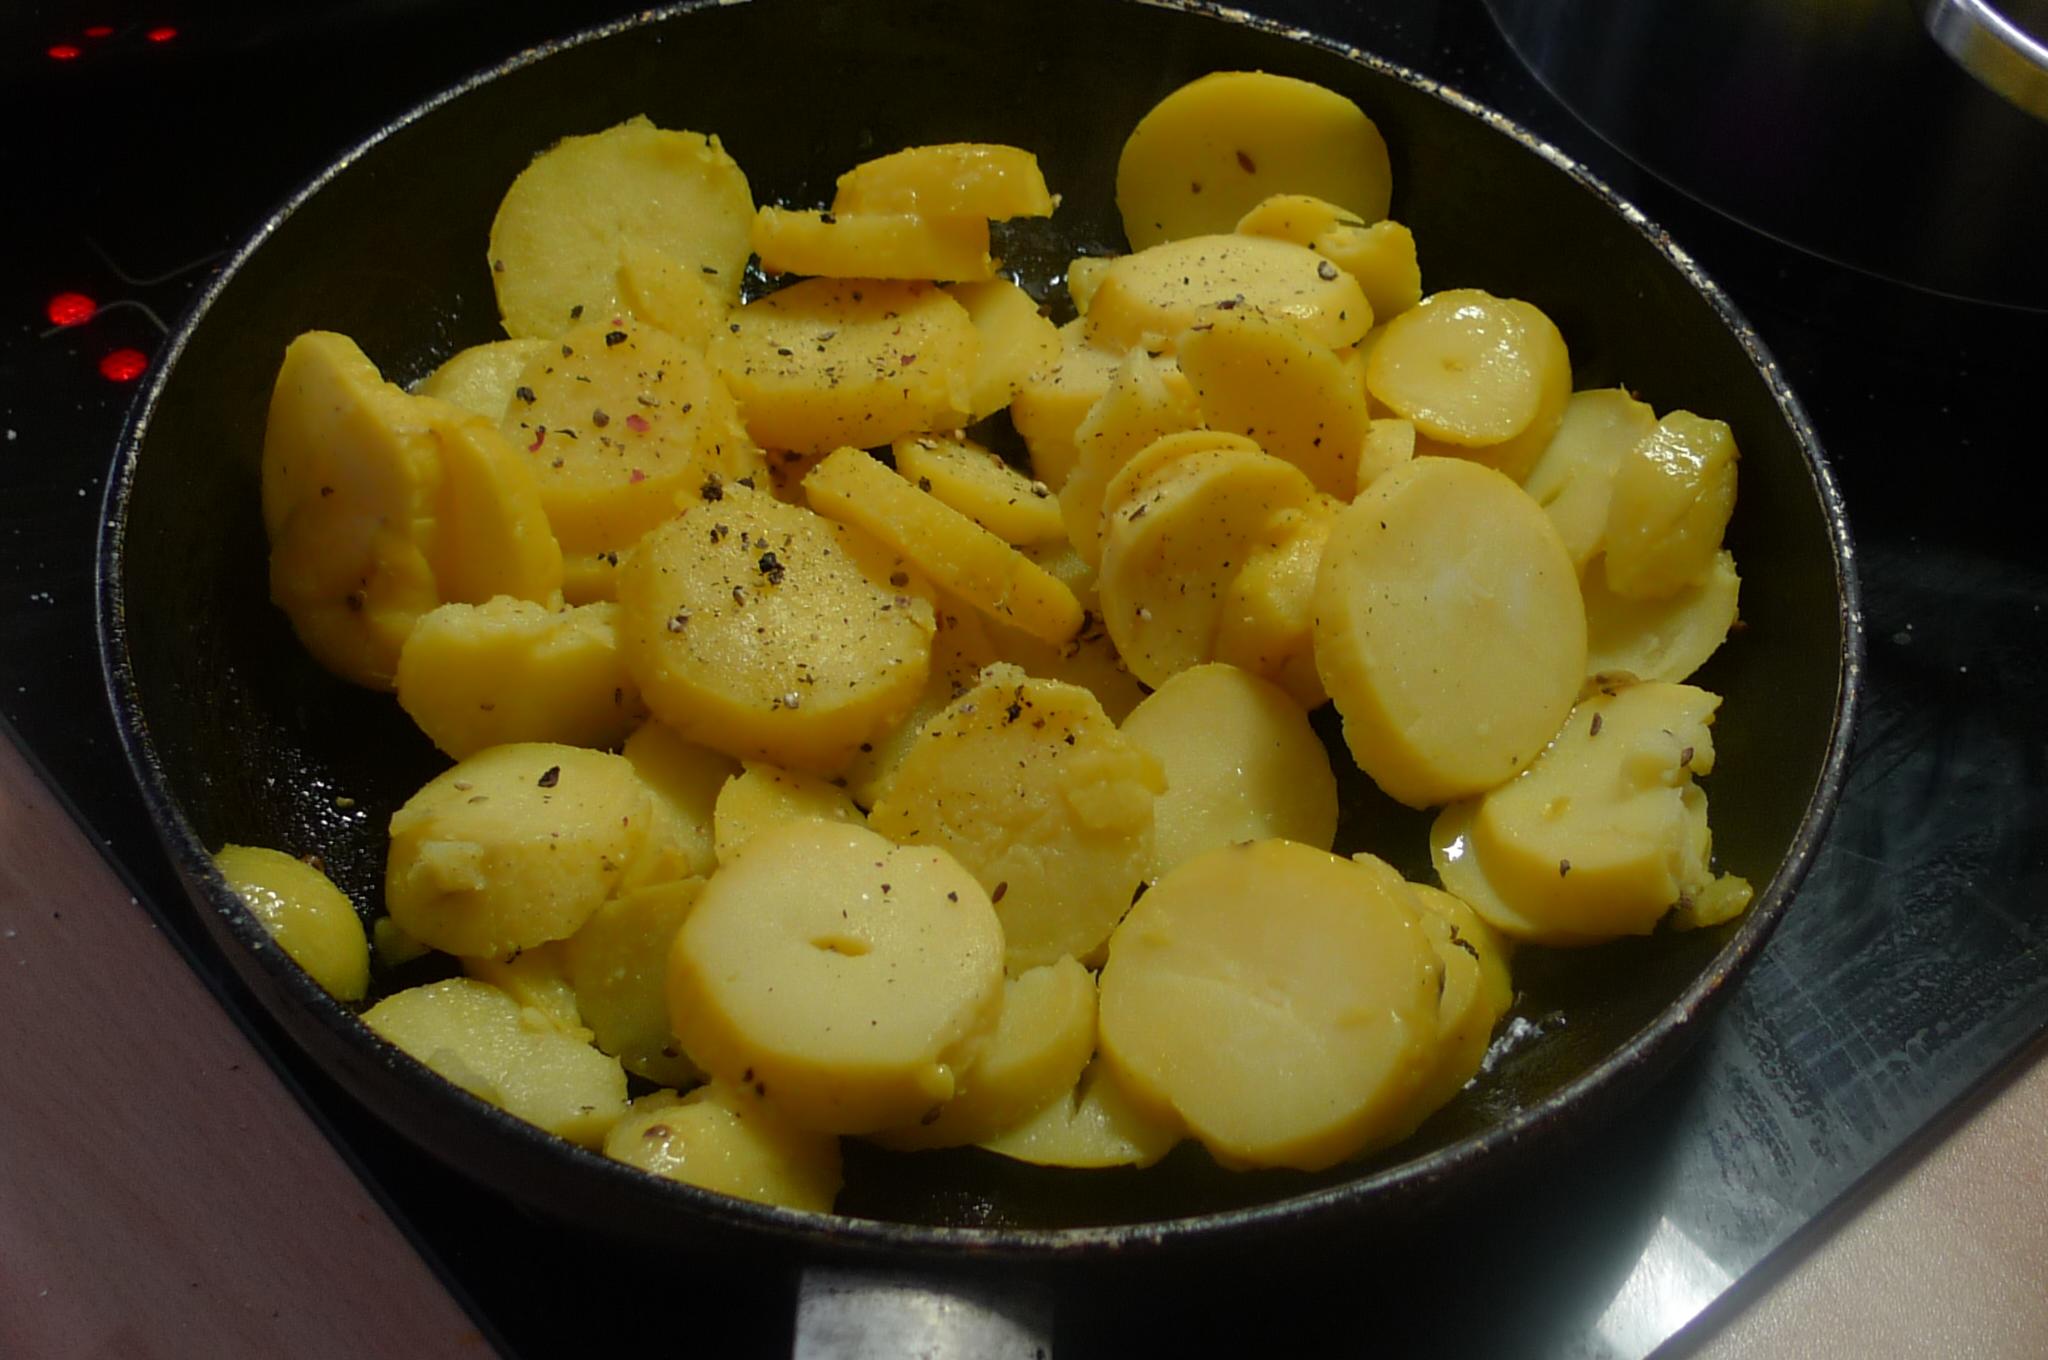 Bratkartoffel,Spiegelei,Fenchelsalat - 24.2.15   (4)